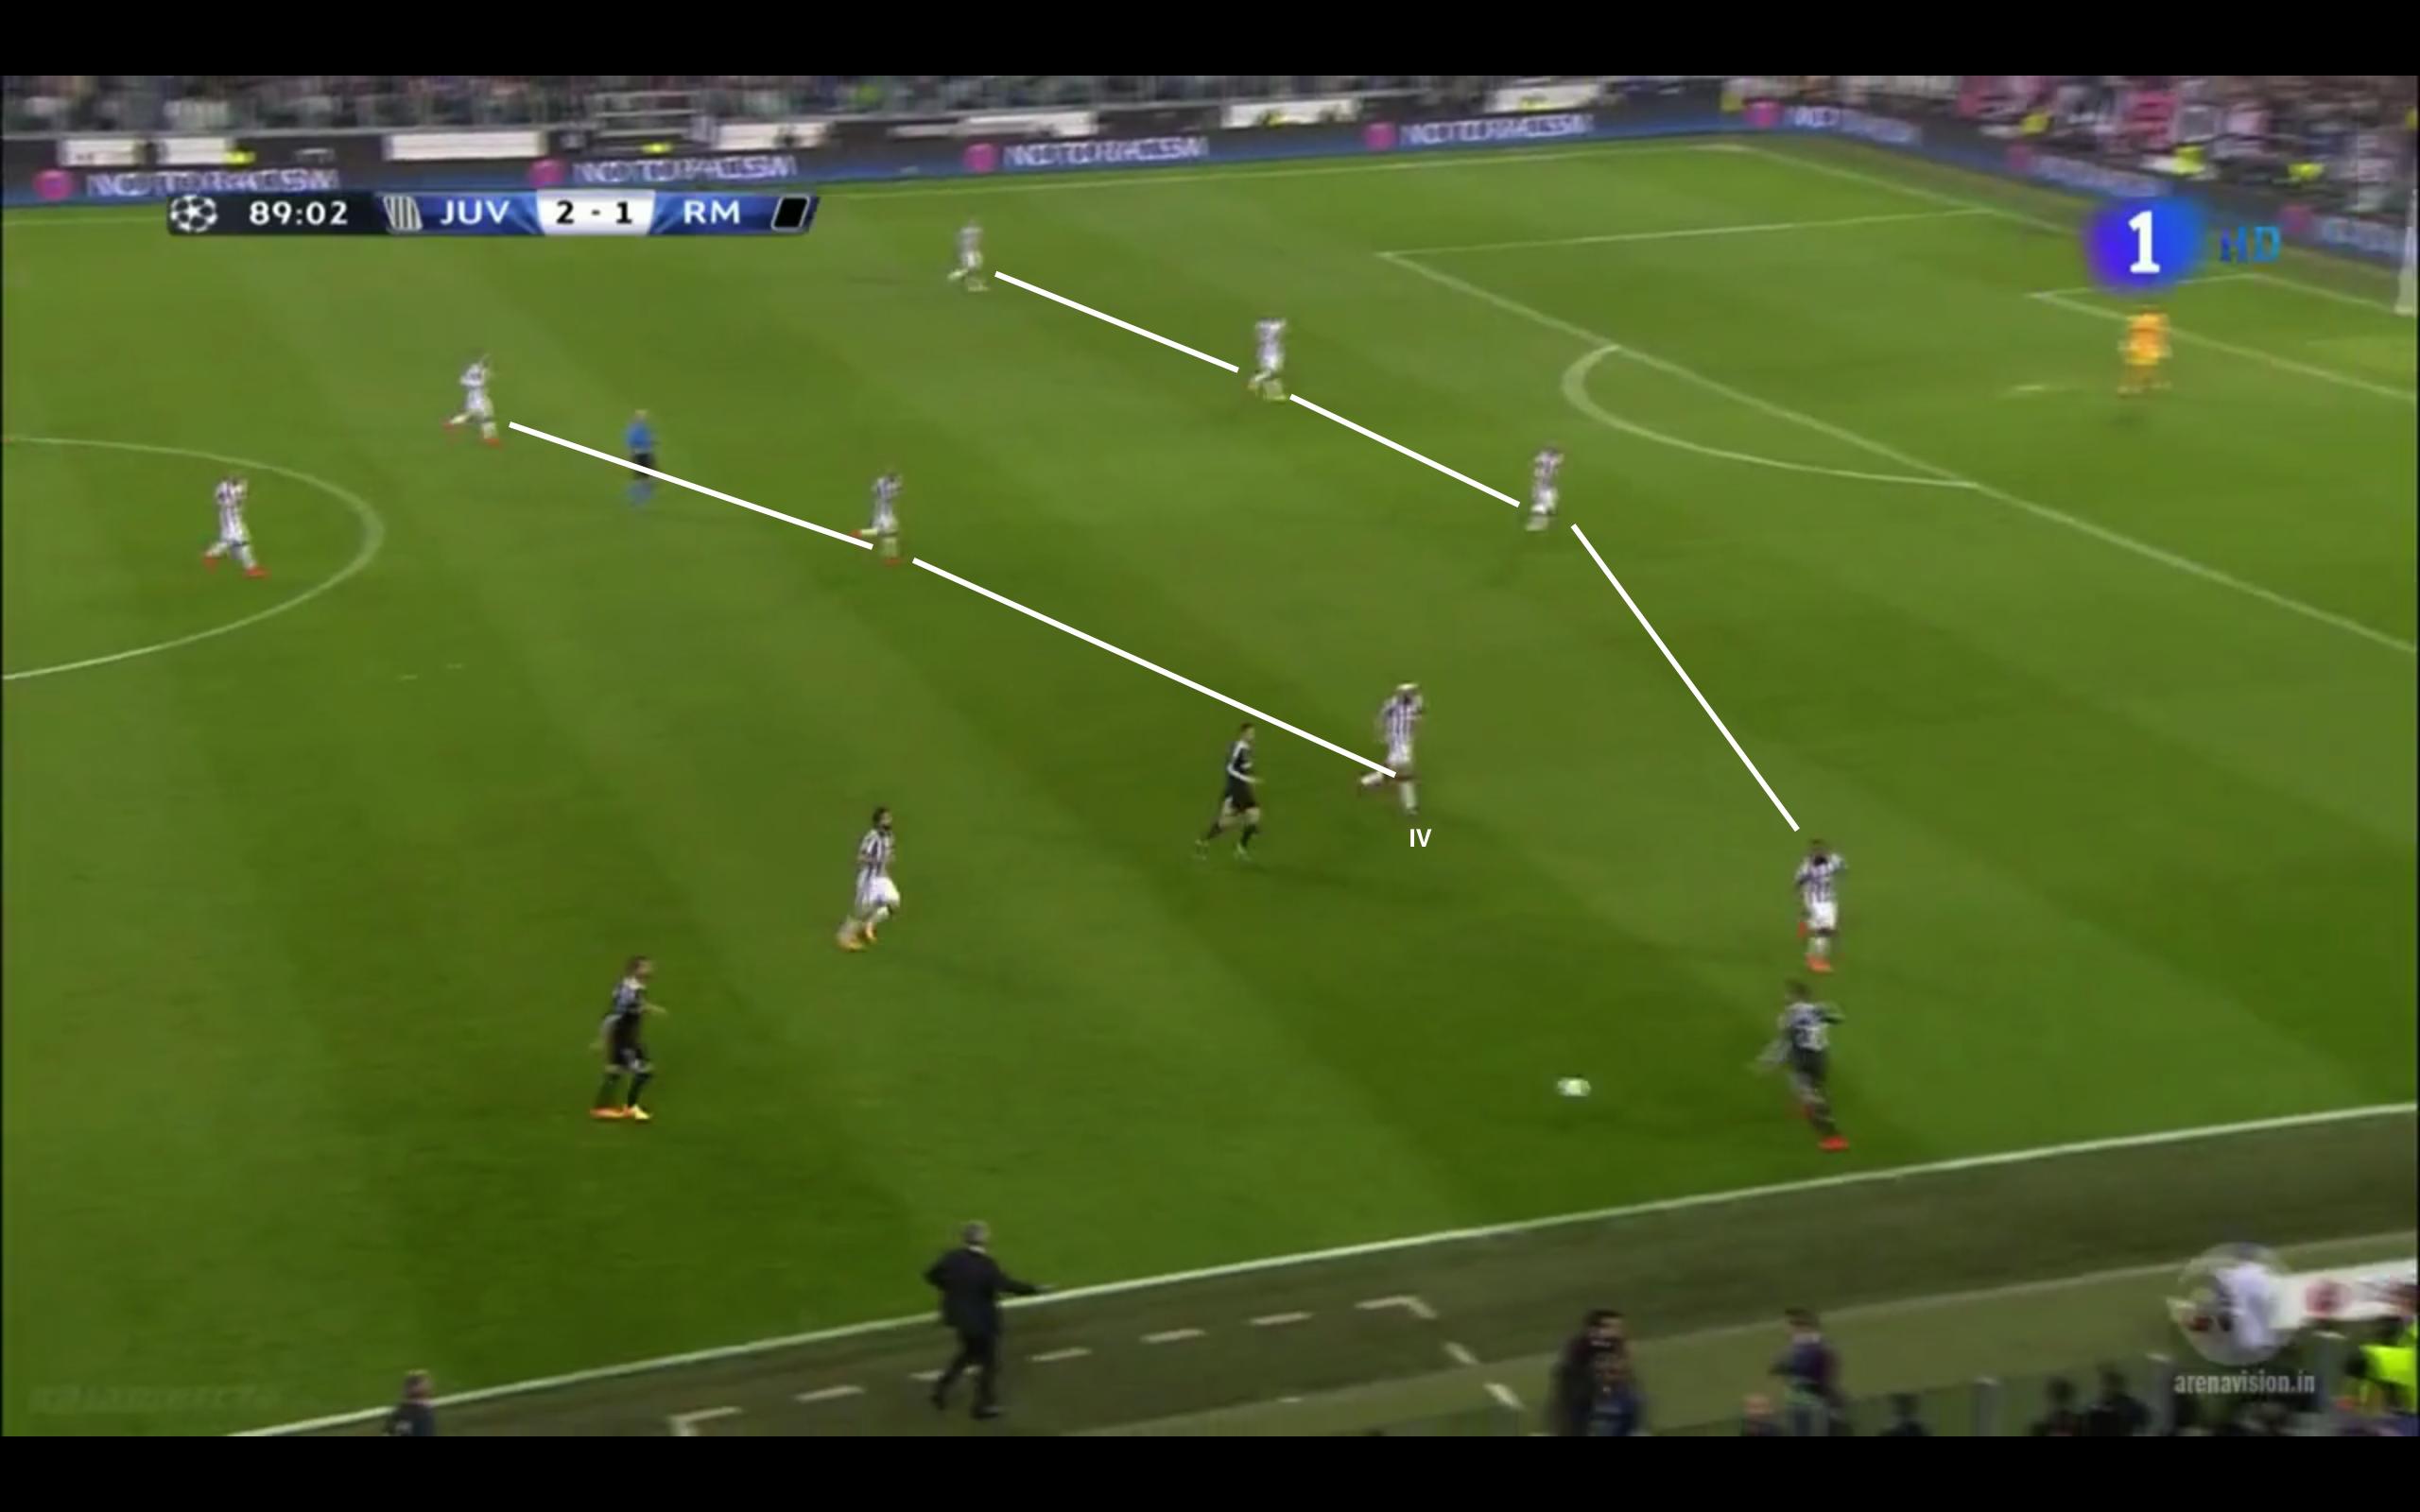 Chiellini rückt gegen Ronaldo heraus. Dadurch entsteht ein 4-3-3. Pirlo ist im Pressing nach vorne gegangen und hat in seinem Rücken Raum geöffnet. Diesen schließt Chiellini durch sein aggressives Herausrücken. So sollen solche Szenen im Idealfall verteidigt werden, allerdings klappt dies nicht immer perfekt.